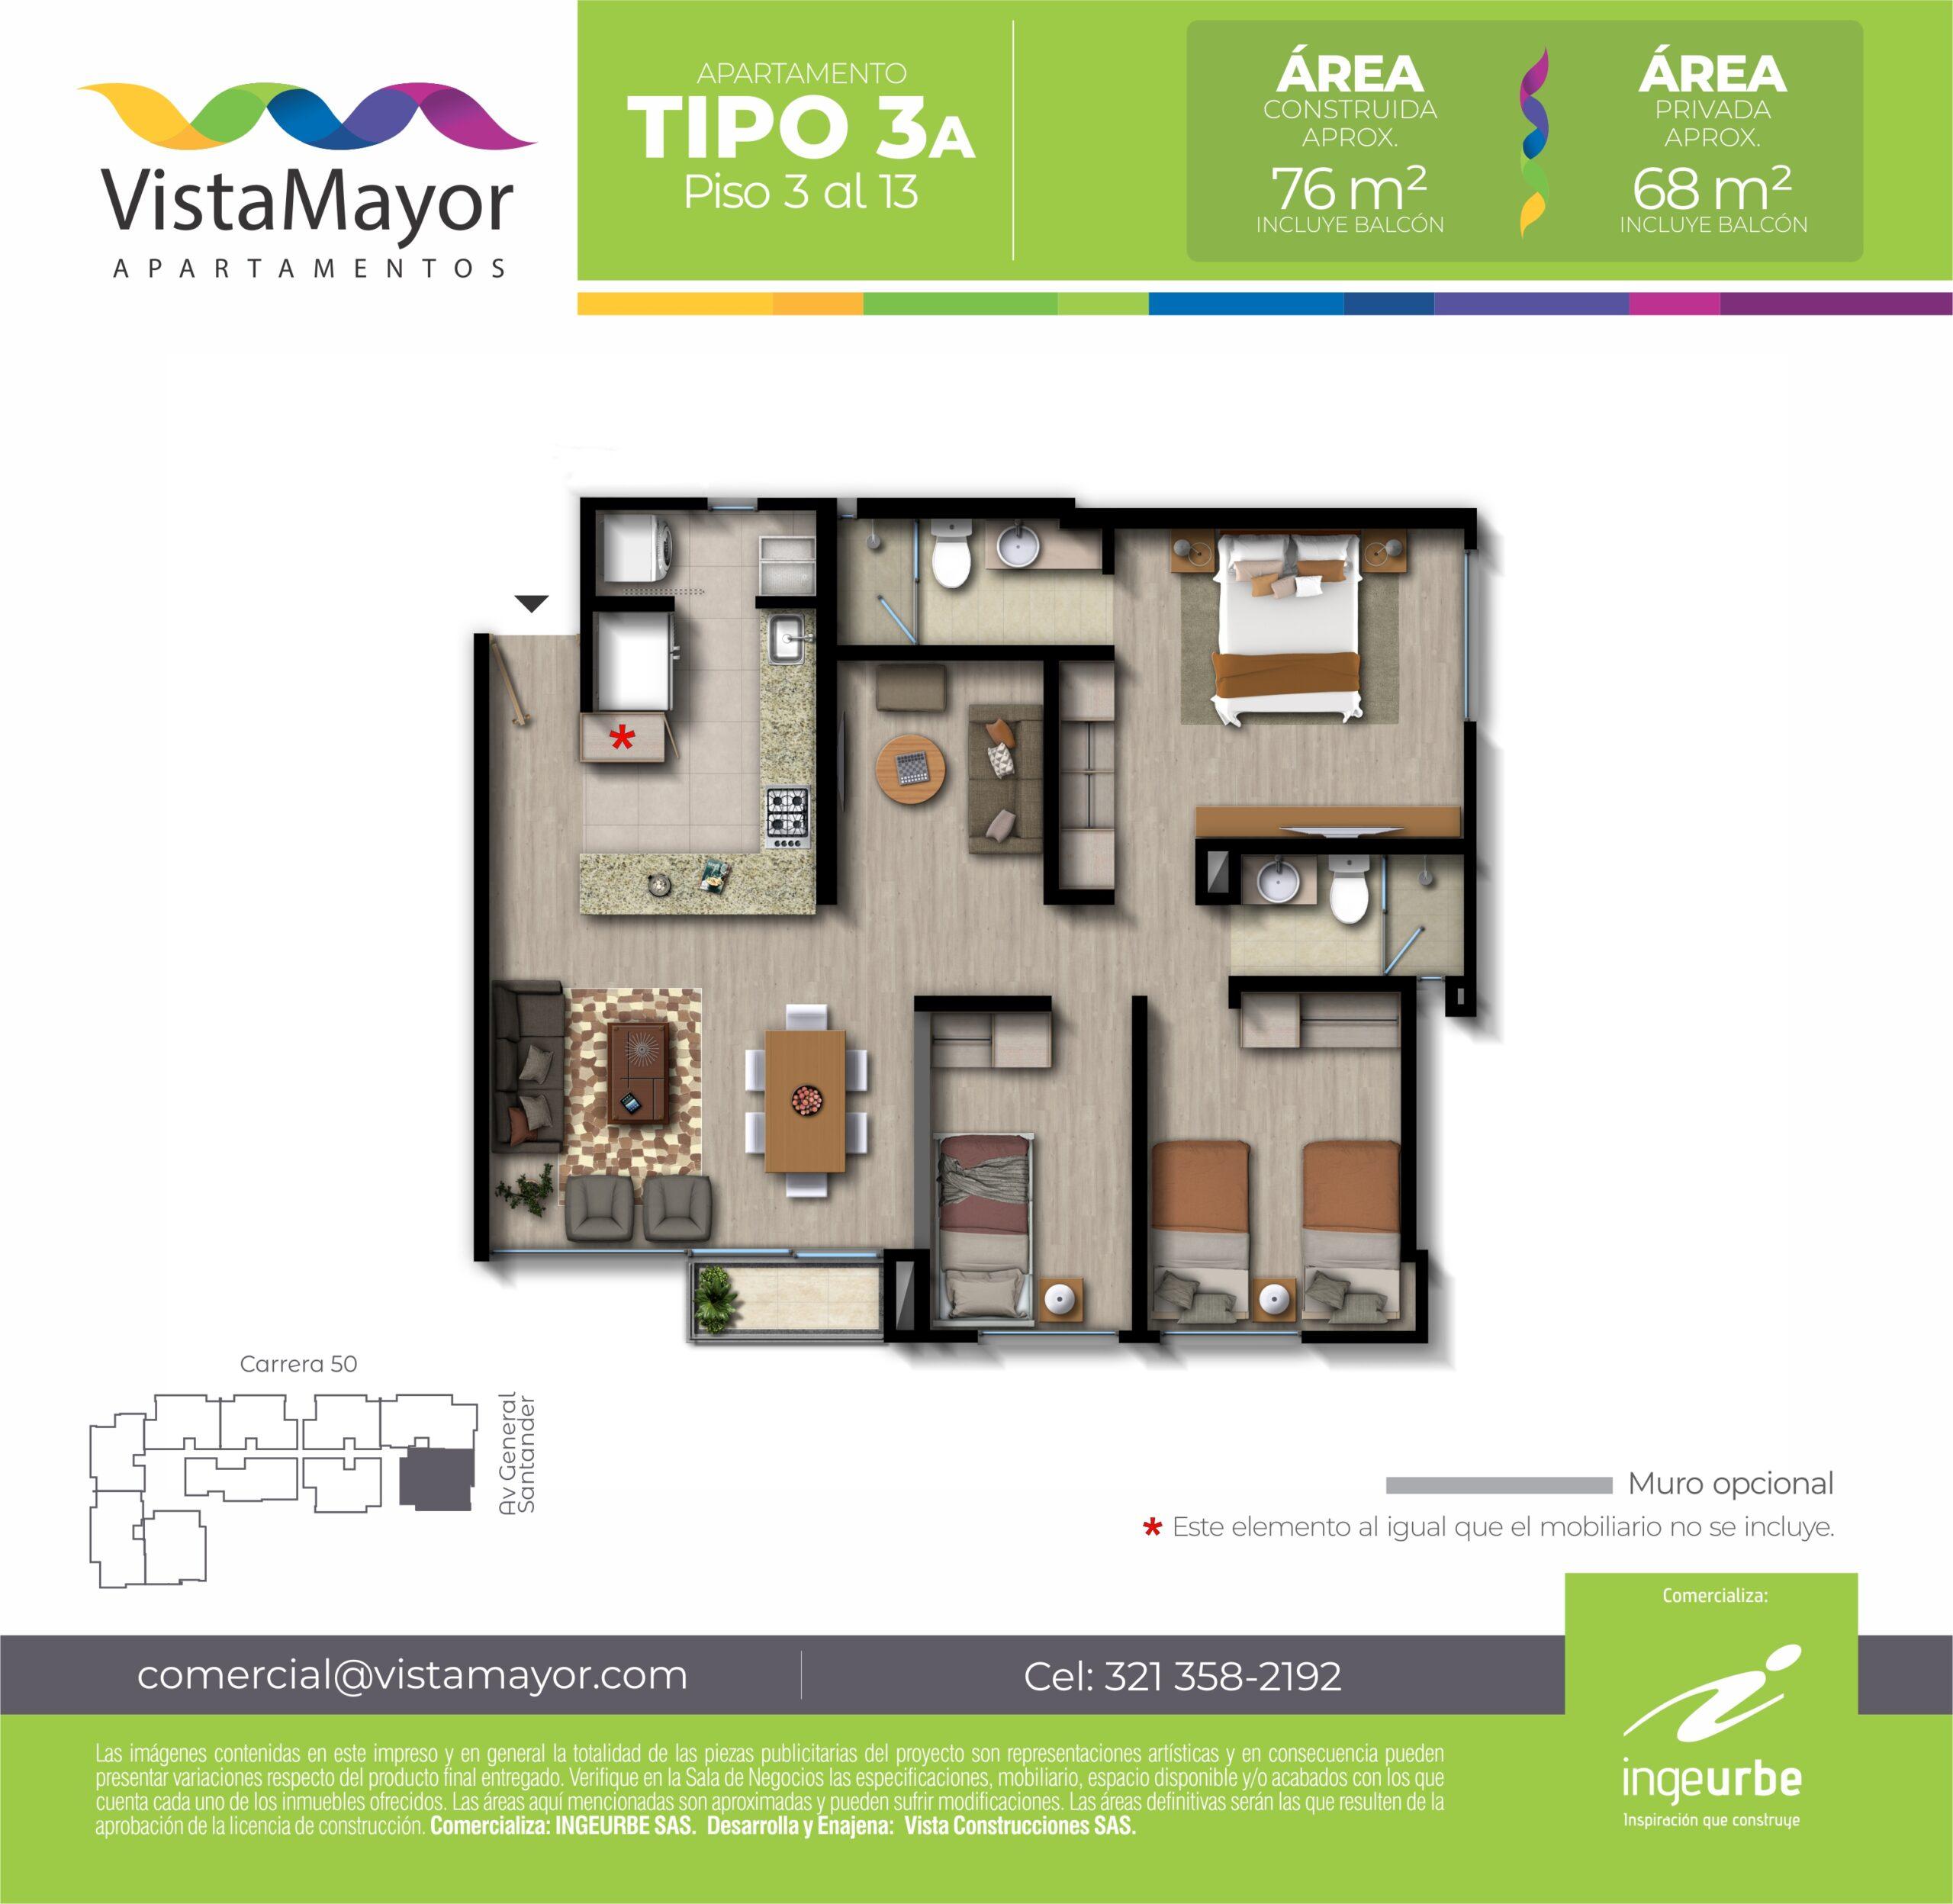 TIPO 3A         Área construida aprox.:    76  m2          Área privada aprox:    68  m2          Precio desde: $420.003.419